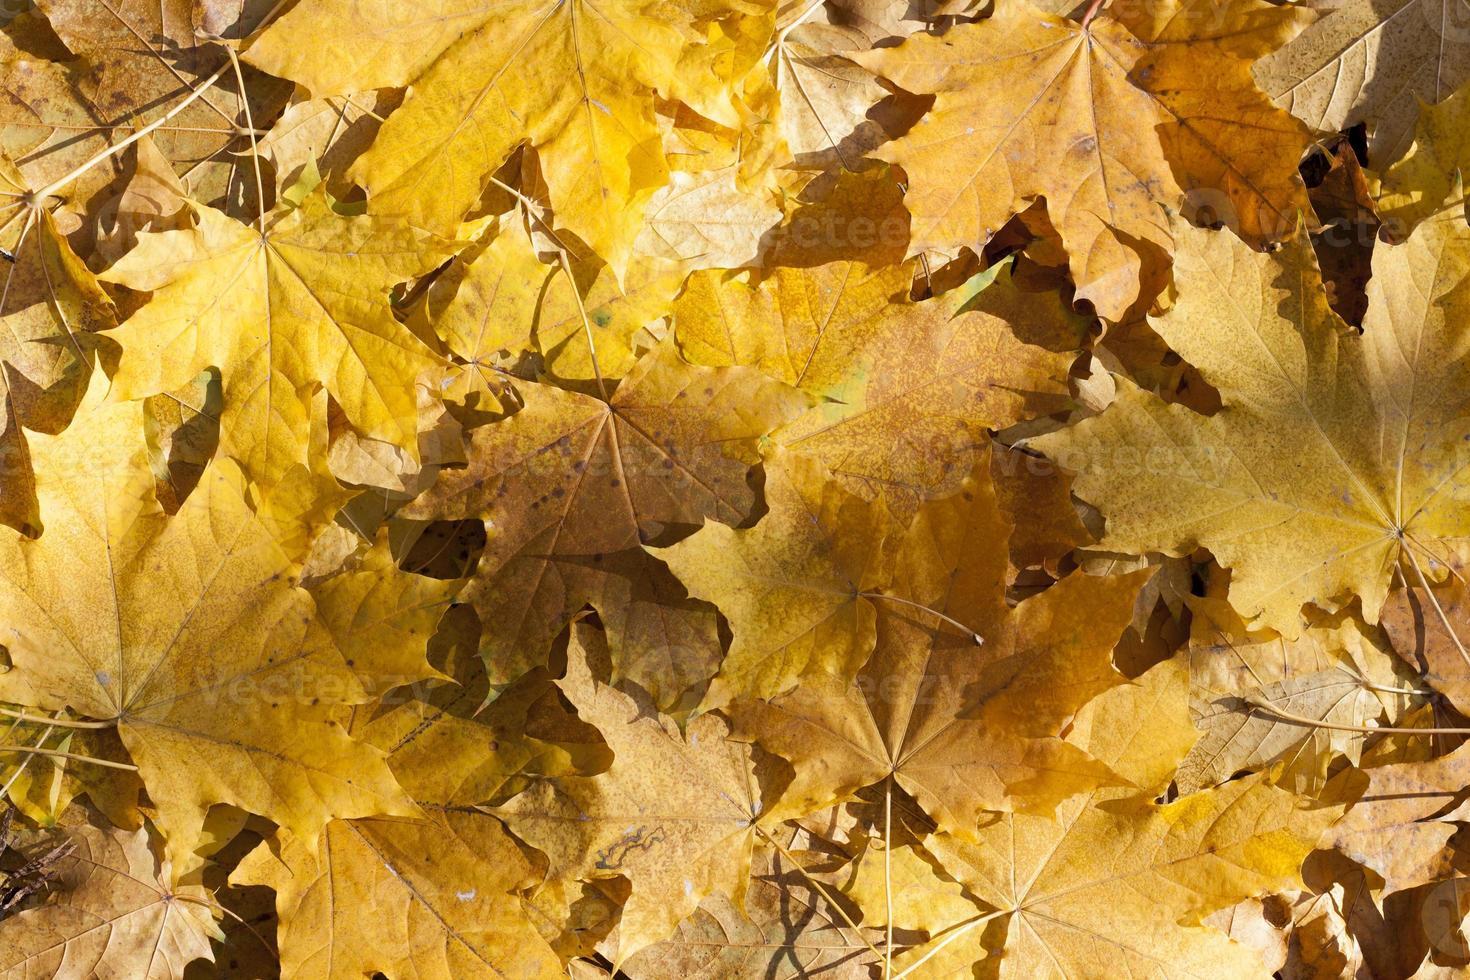 höstblad färgrik höstbladbild som bakgrund foto